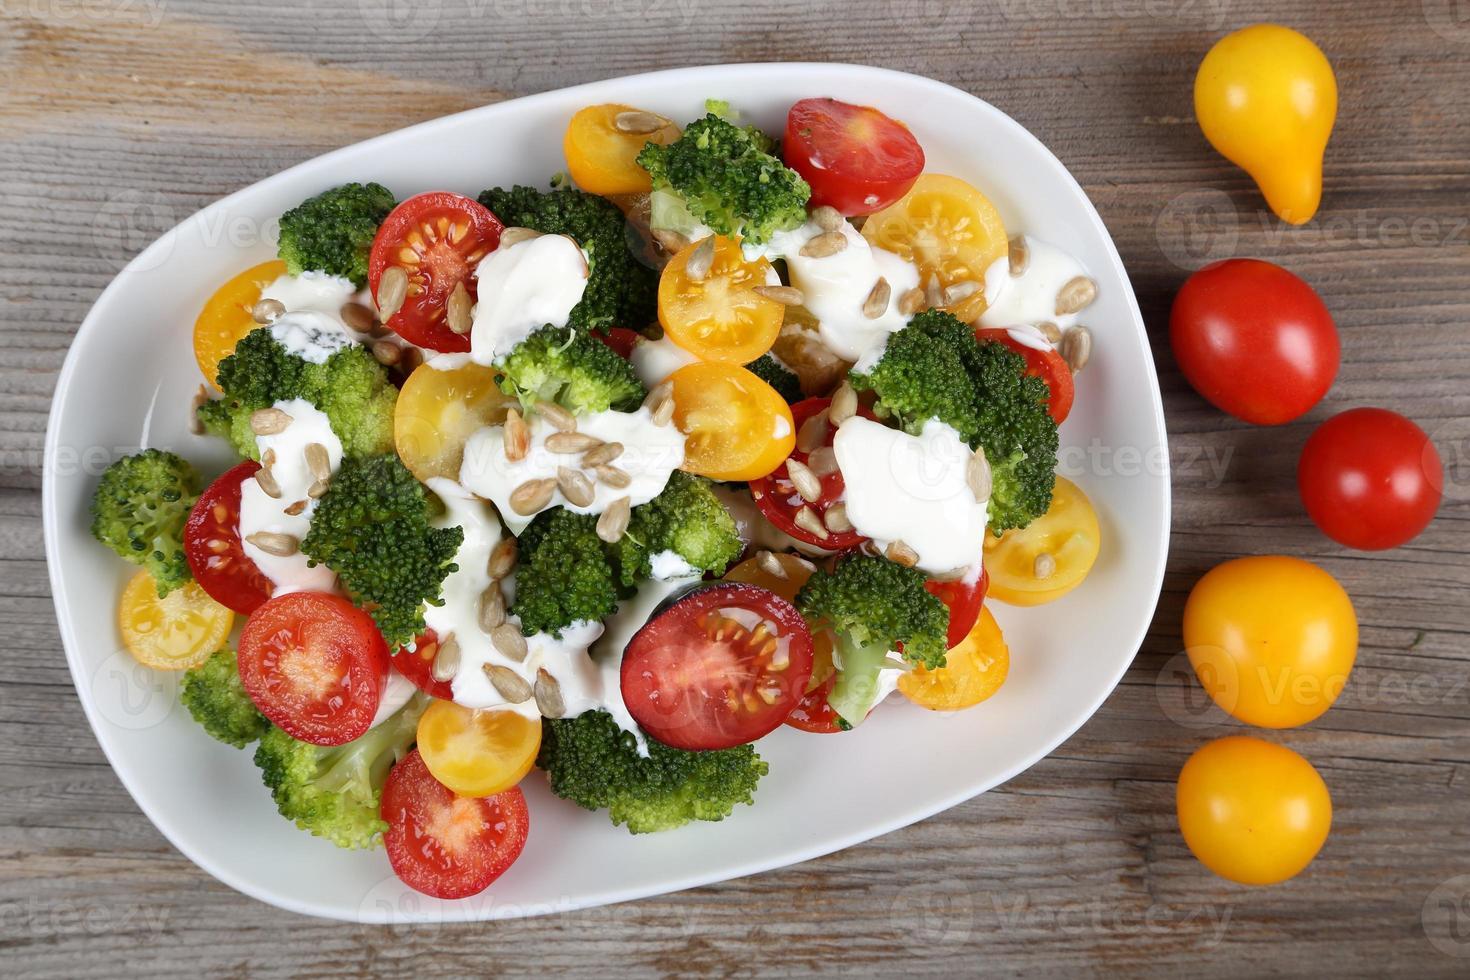 kleurrijke salade. foto